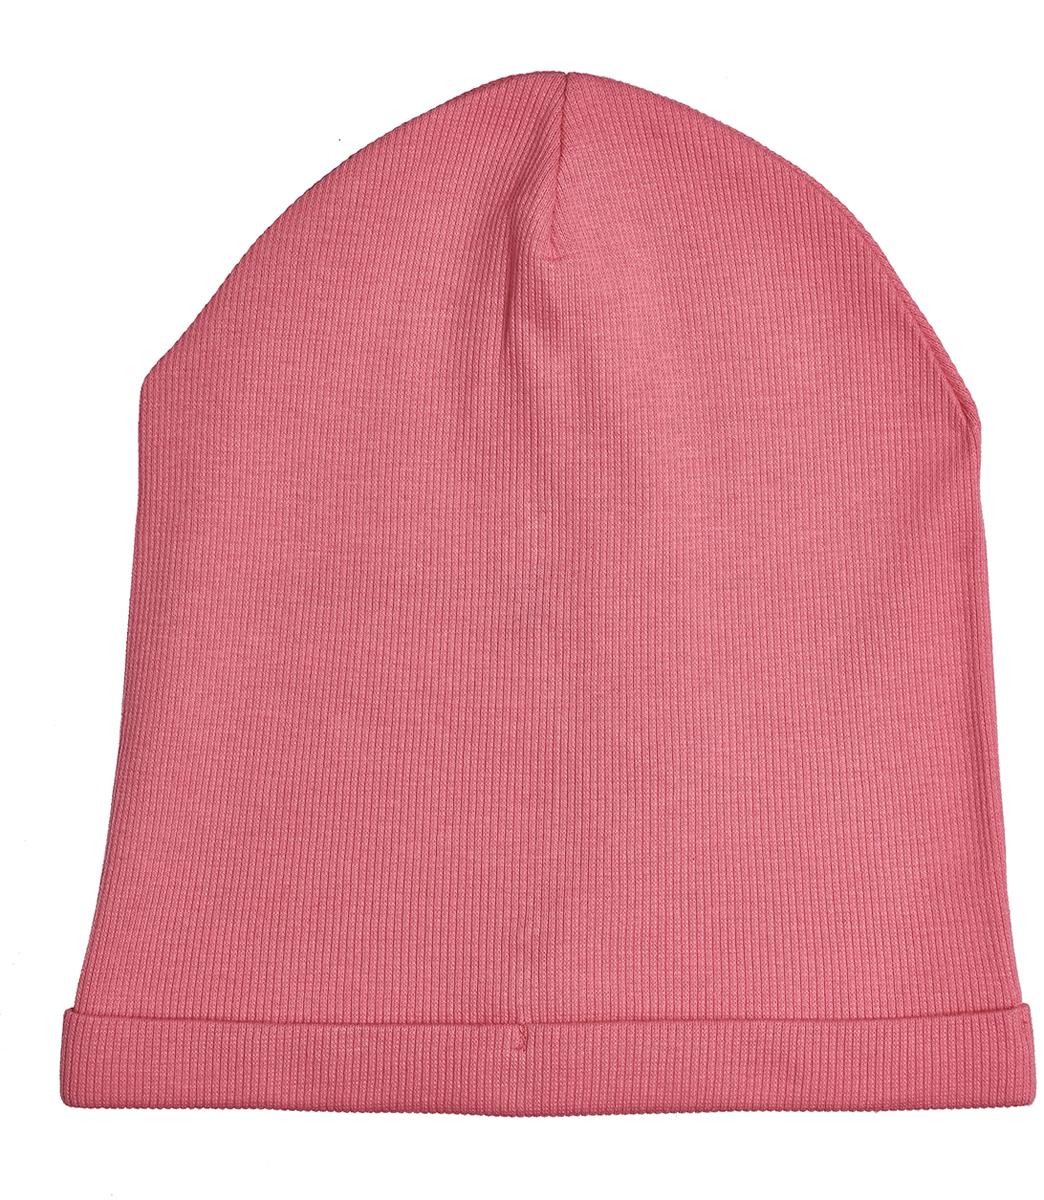 Шапка для девочки Button Blue, цвет: розовый. 118BBGX73011200. Размер 54118BBGX73011200Если вы хотите недорого купить шапку для девочки на весну, лучшим вариантом будет трикотажная шапка от Button Blue. Шапка сделана в соответствии со всеми модными требованиями сезона, но может похвастаться не только этим: модель выполнена из качественного материала, она мягкая и приятная на ощупь.